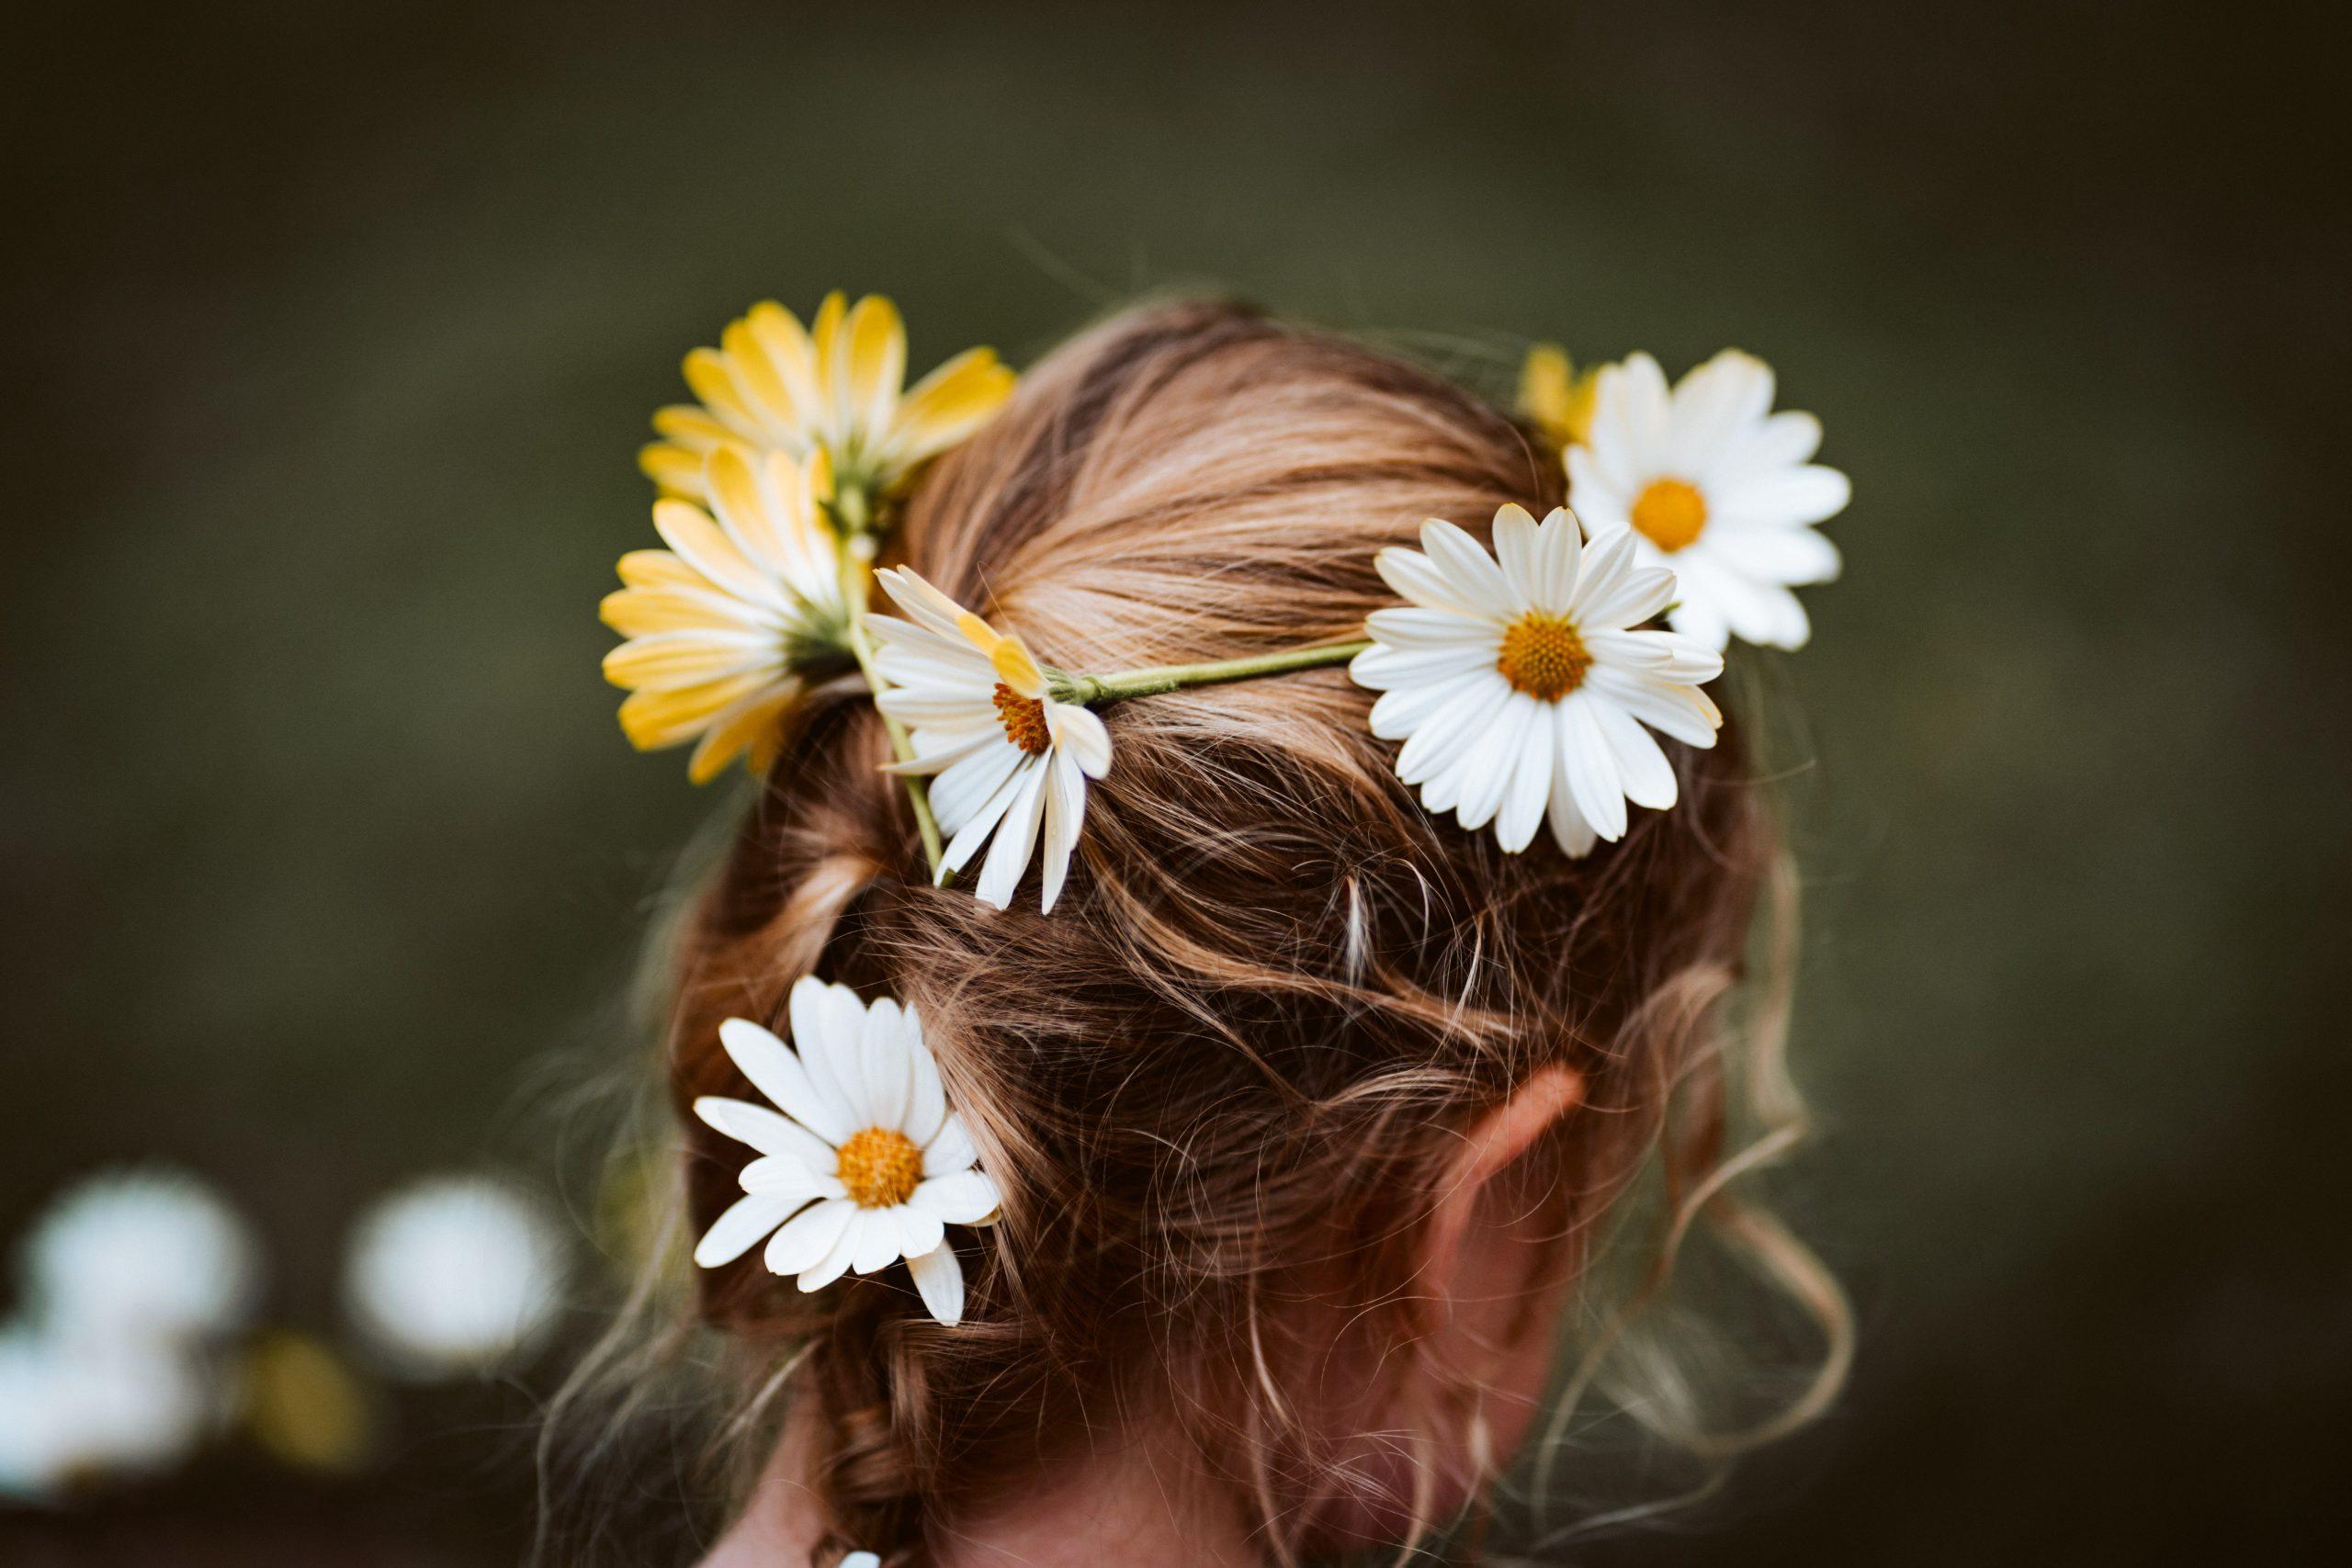 Mujer rubia con flores en el cabello